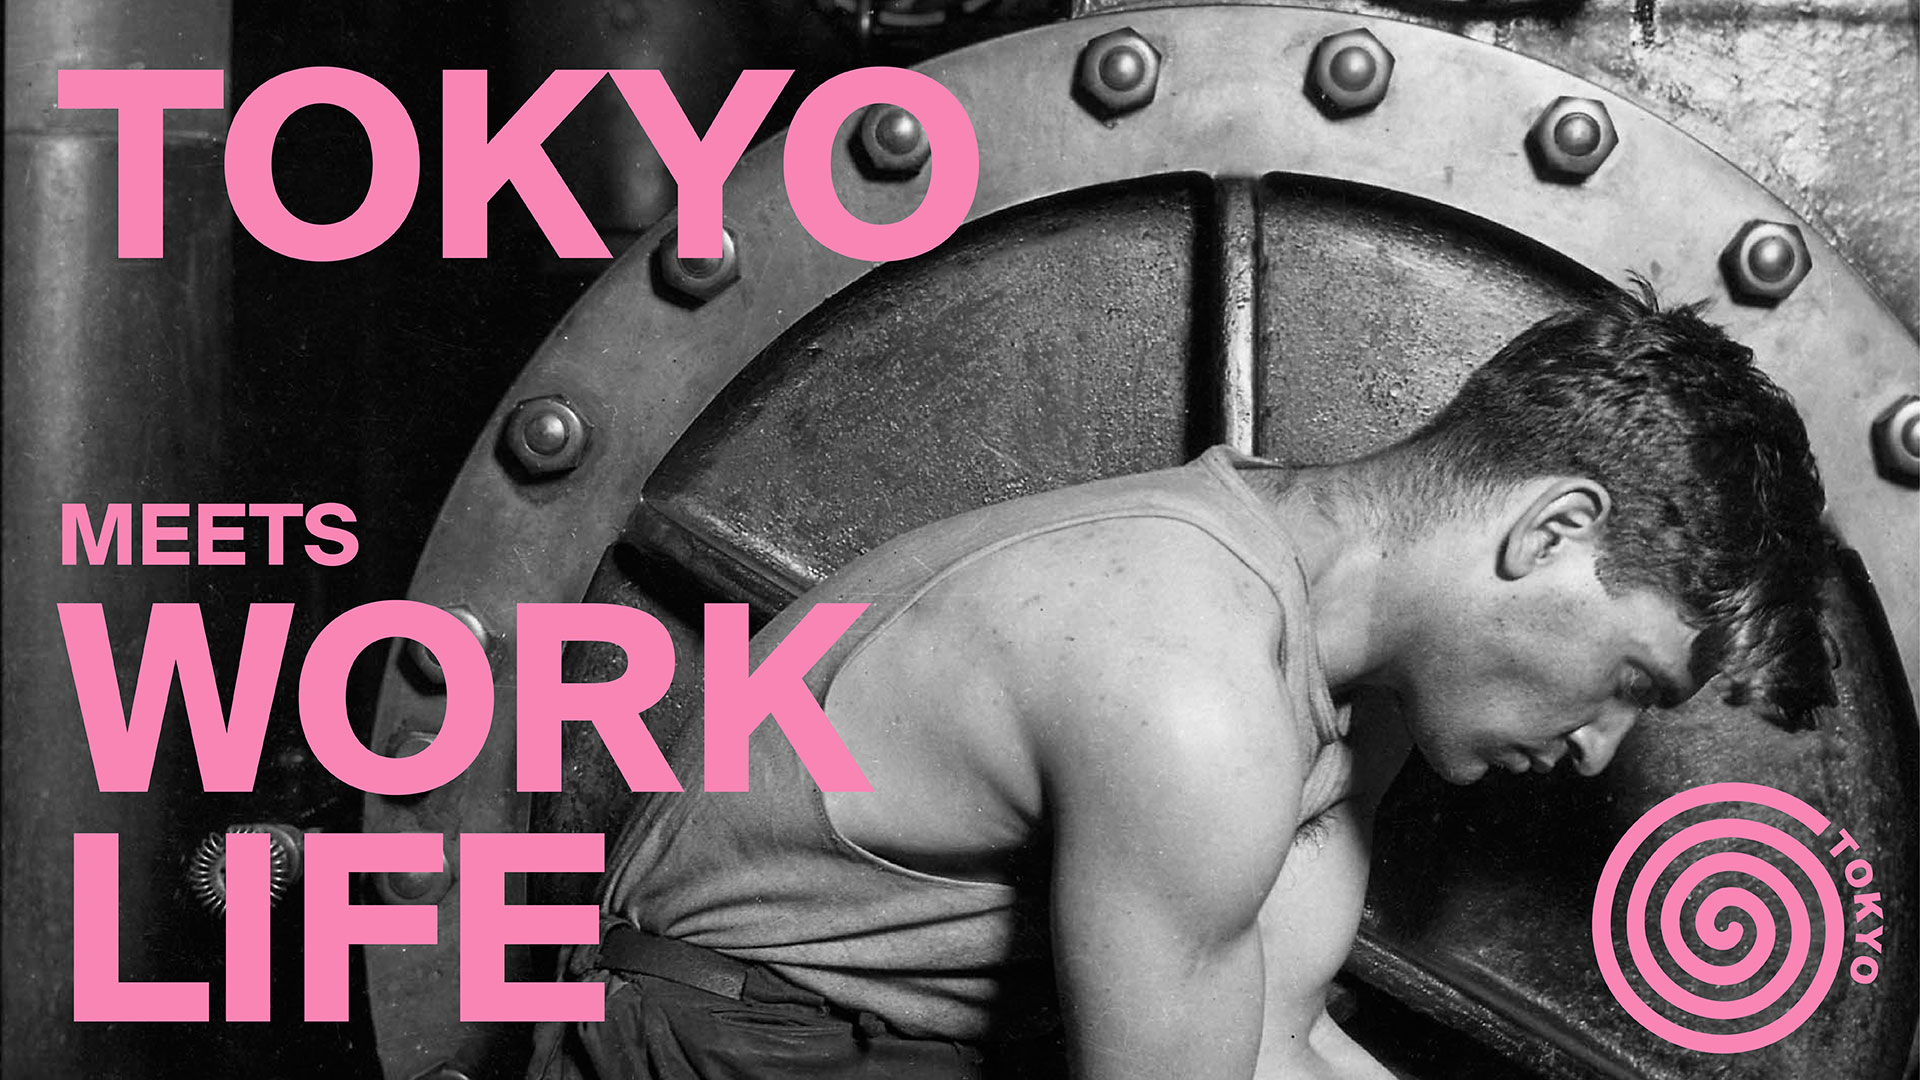 TOKYO meets work life